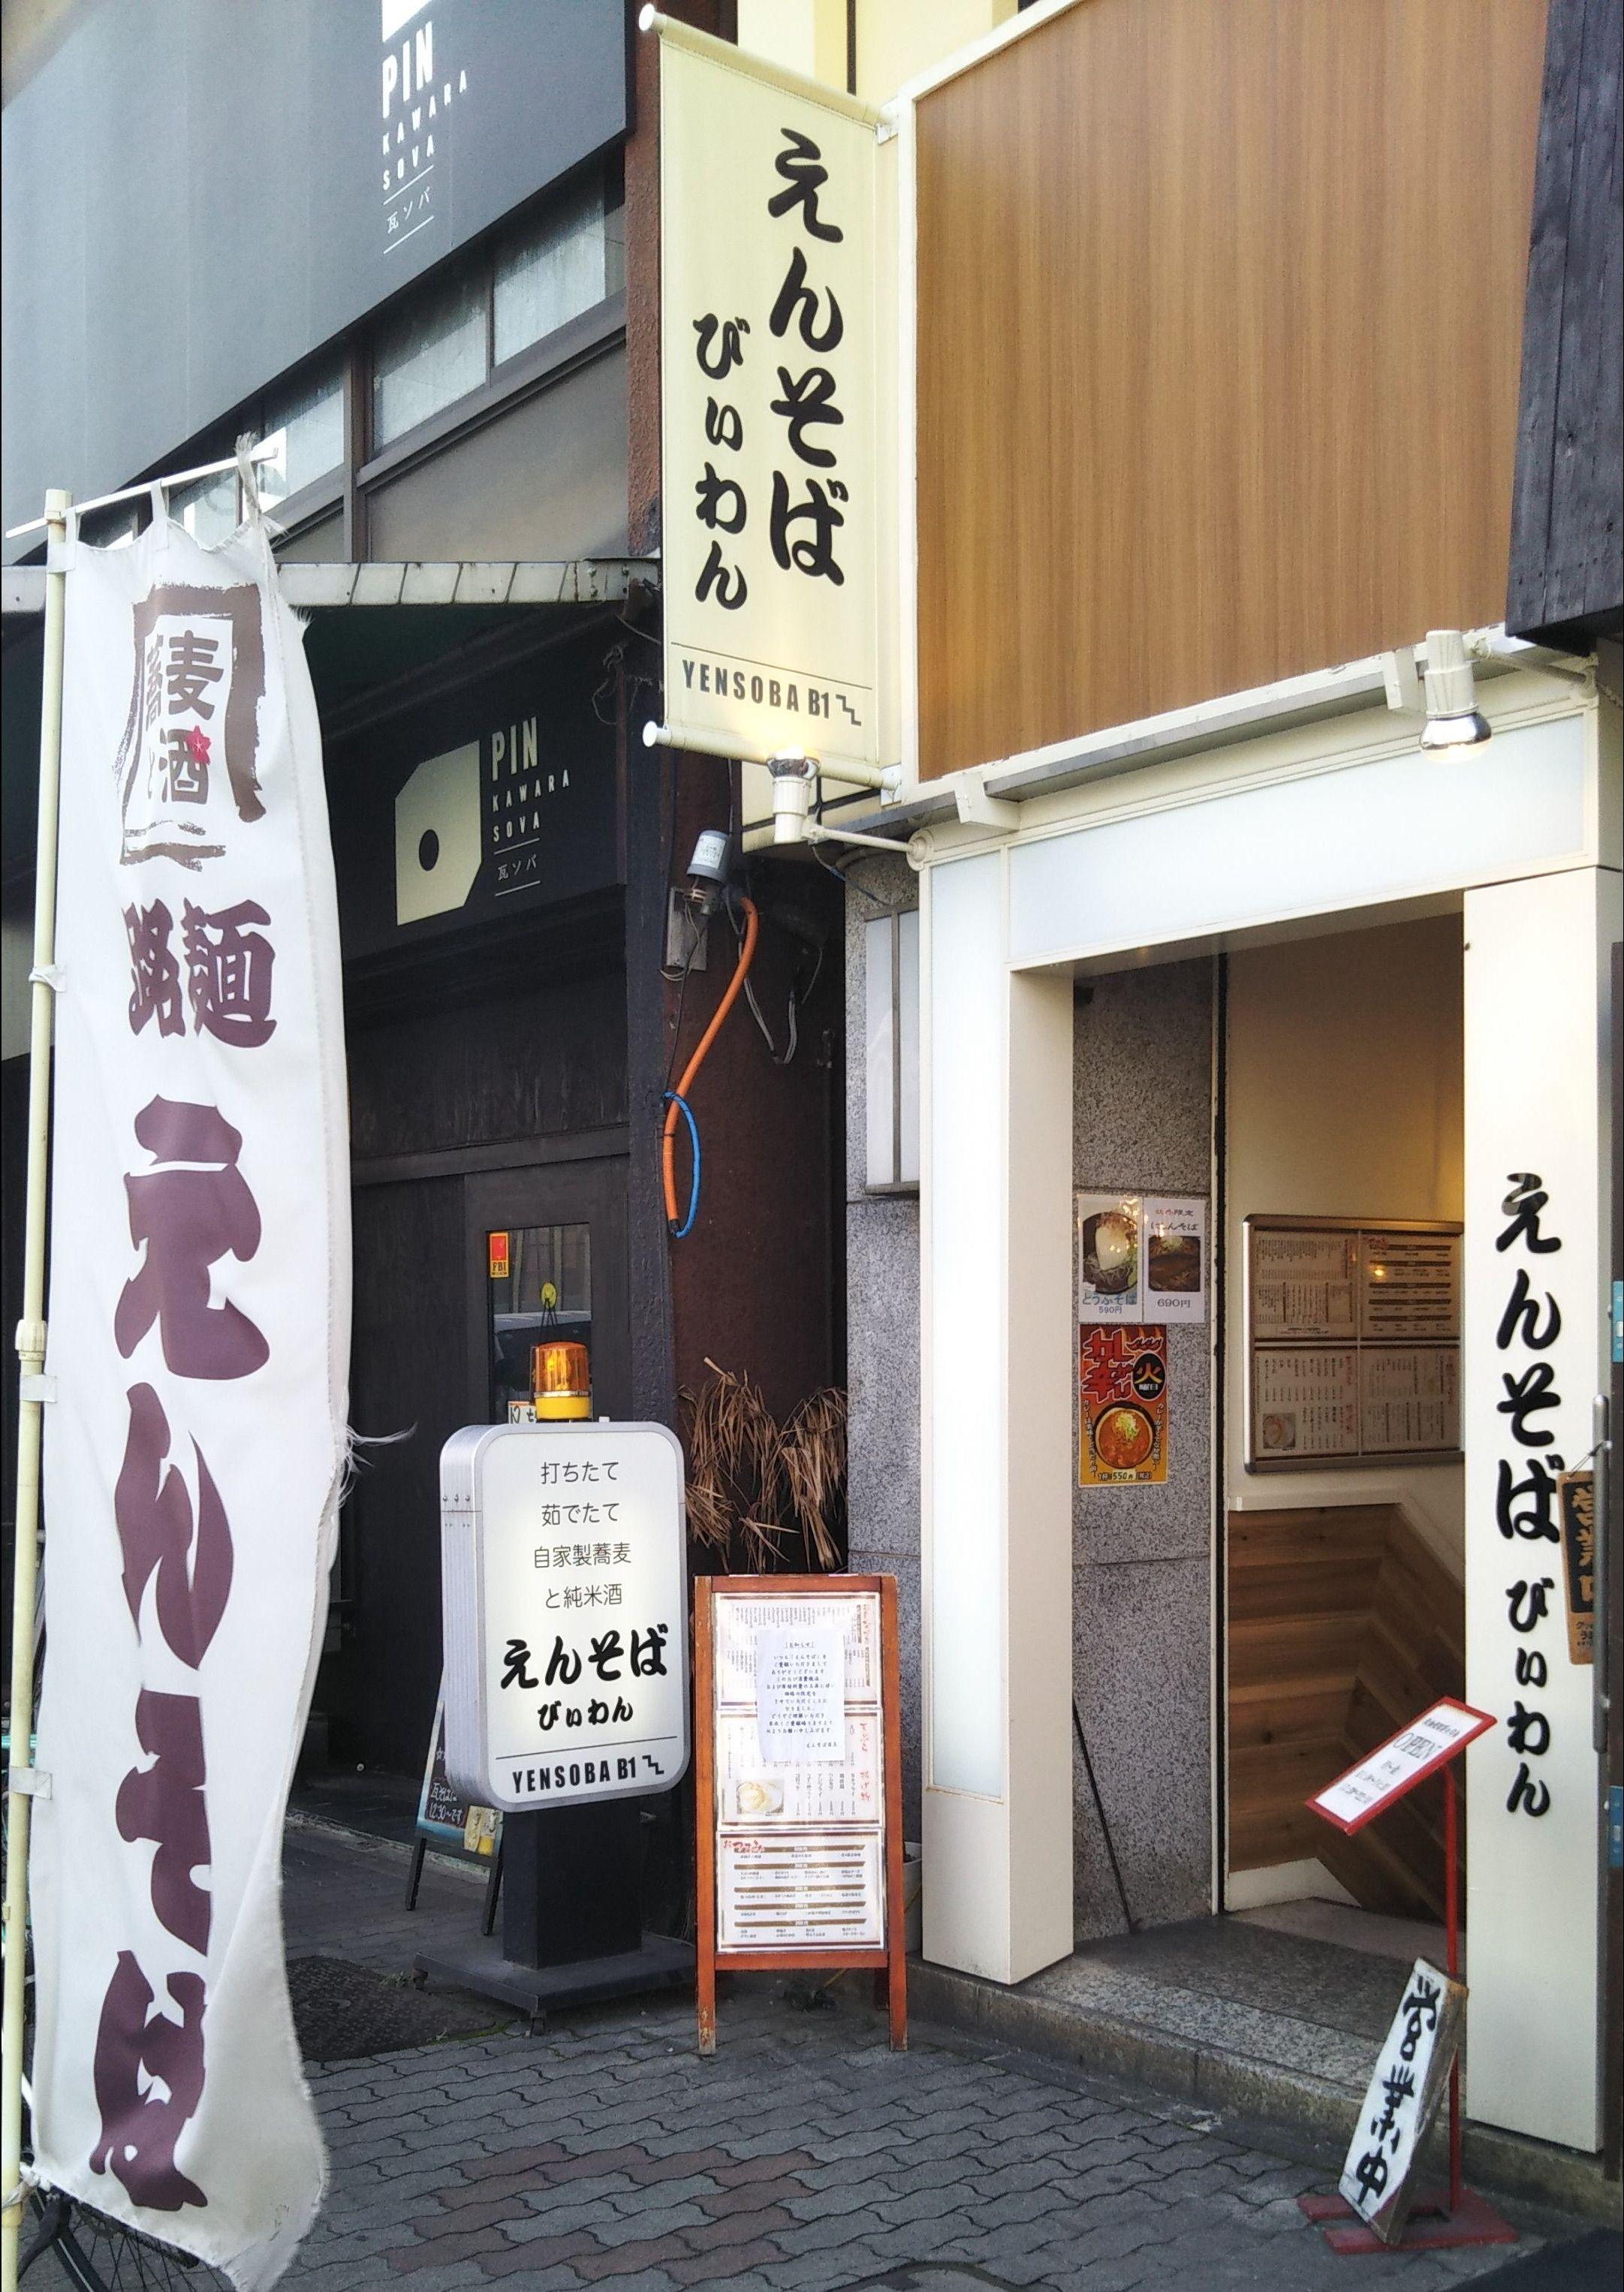 □えんそば びぃわん@伏見(名古屋市) で 『とうふそば』 | 足立区全店制覇男のさらなるお蕎麦屋さんめぐり - 楽天ブログ